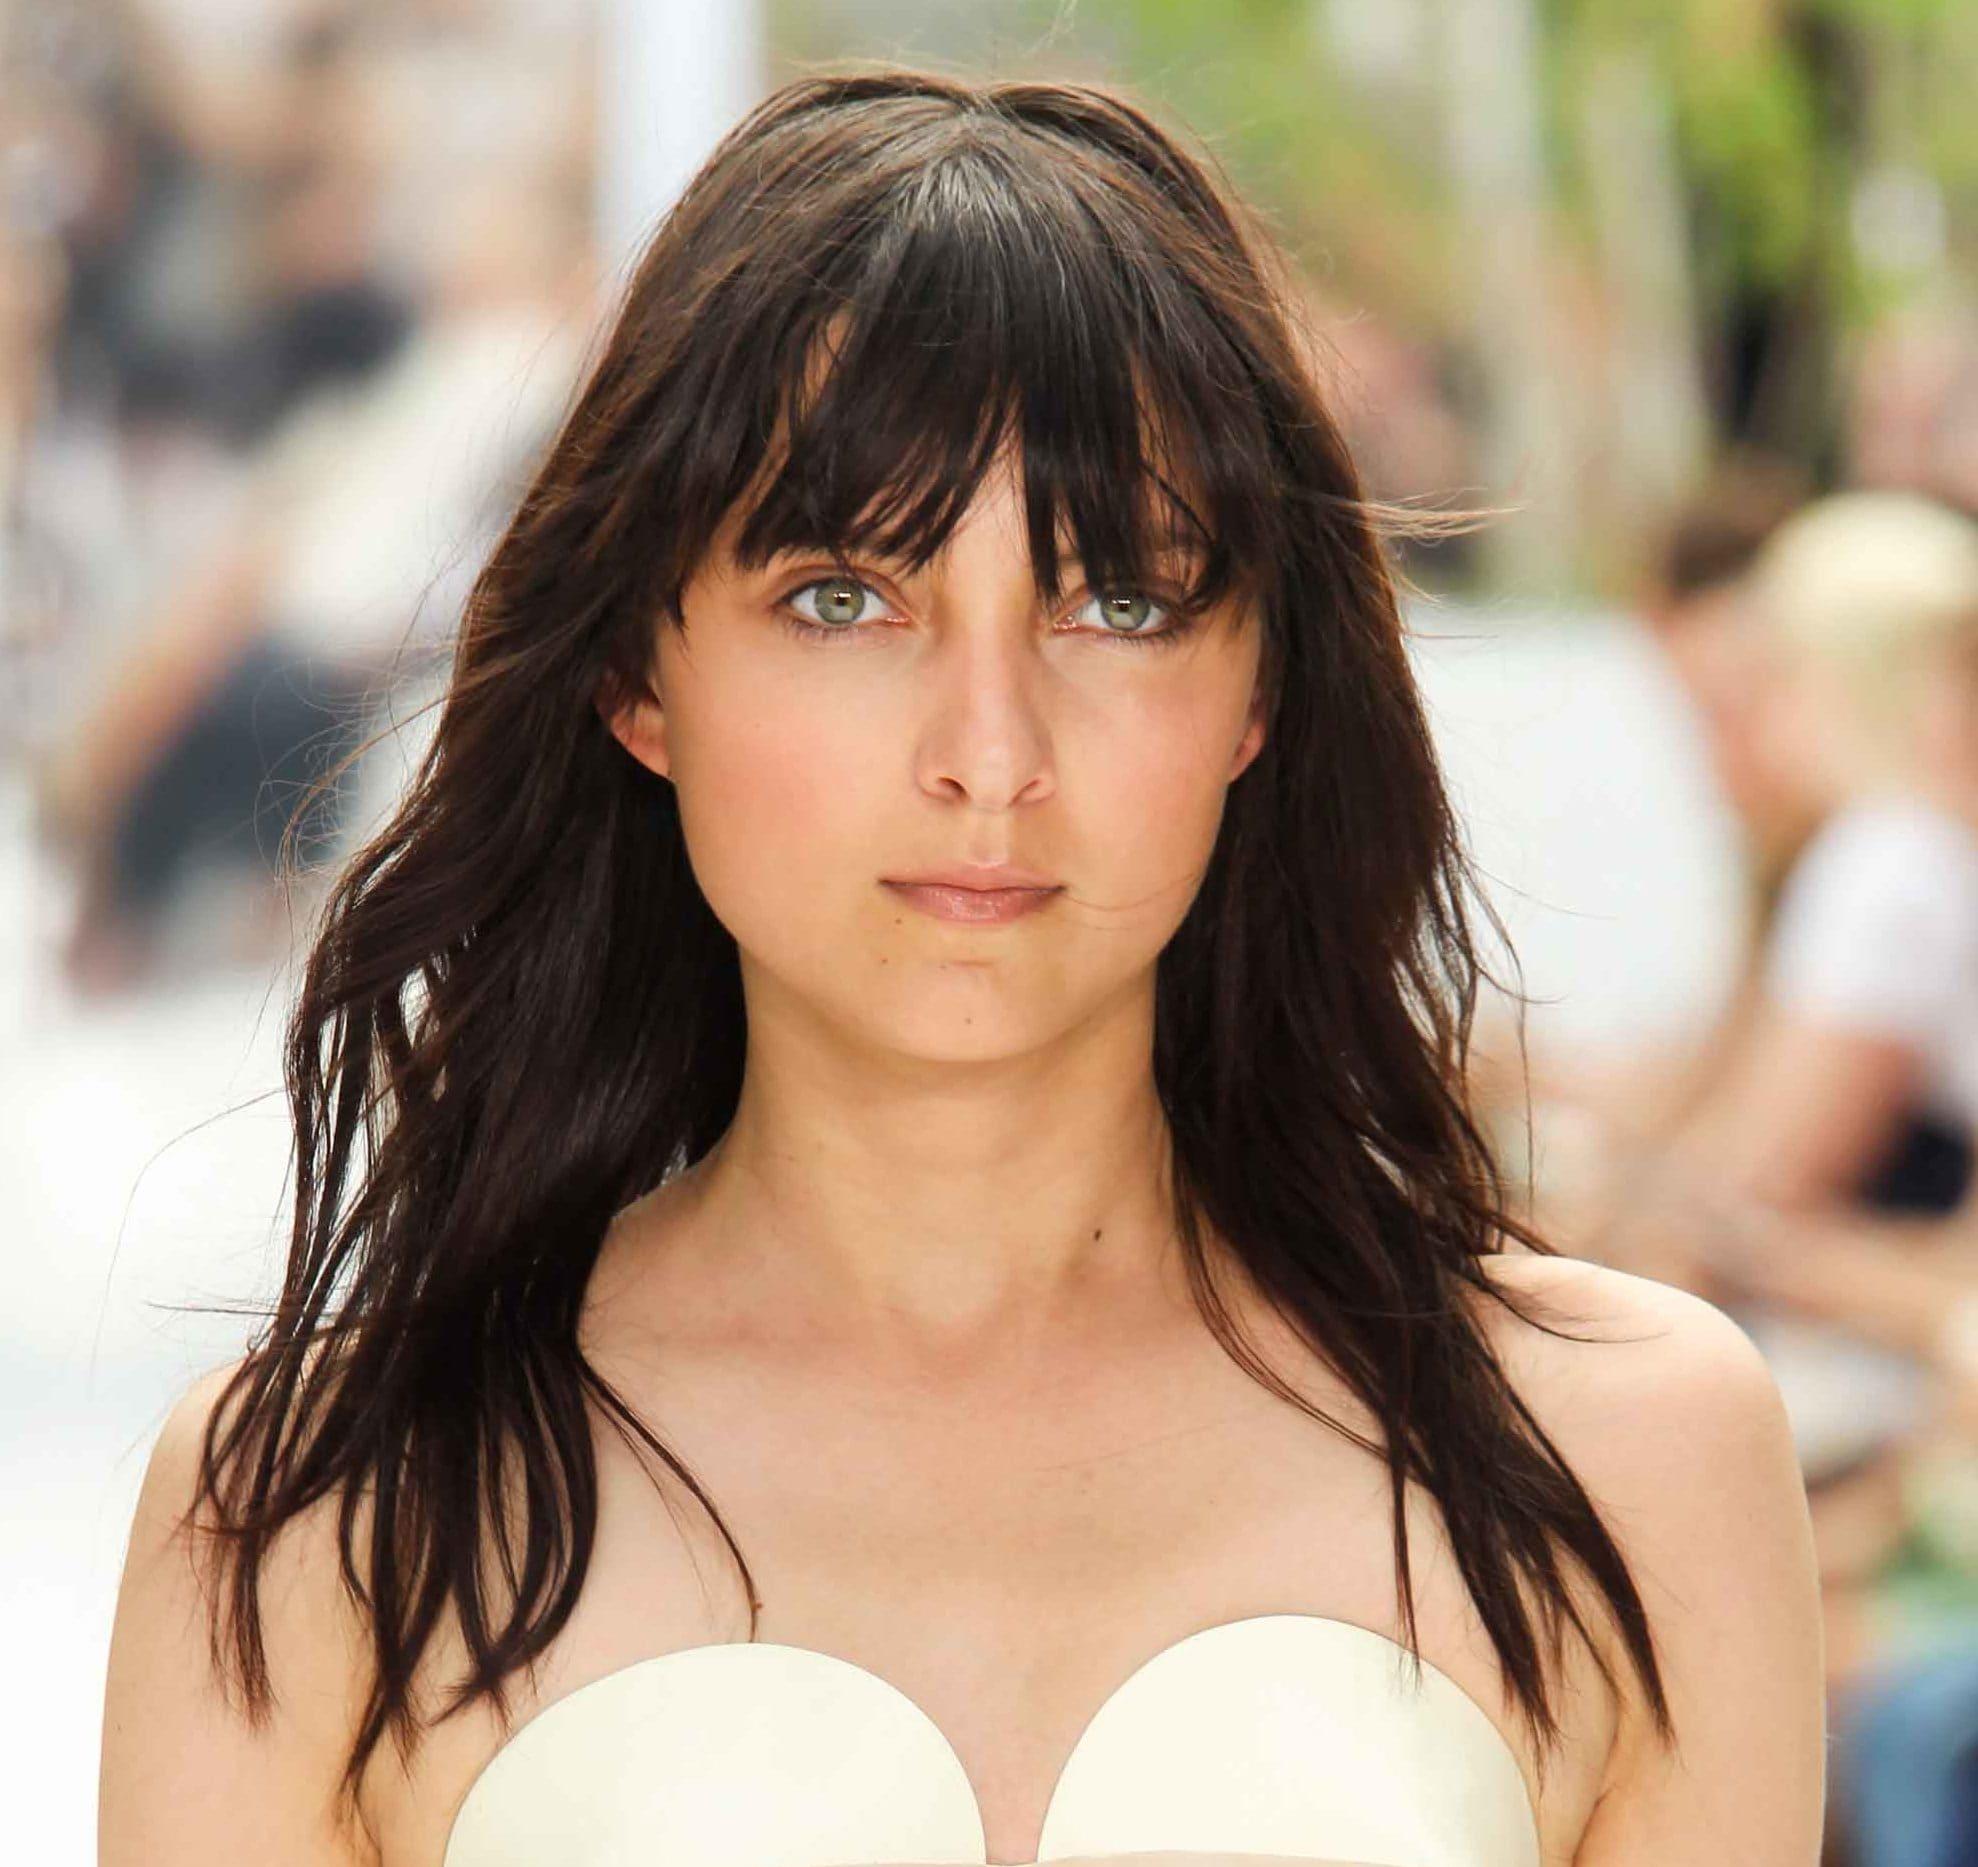 Medium Length Hair Cuts That Will Add Oomph To Fine Hair